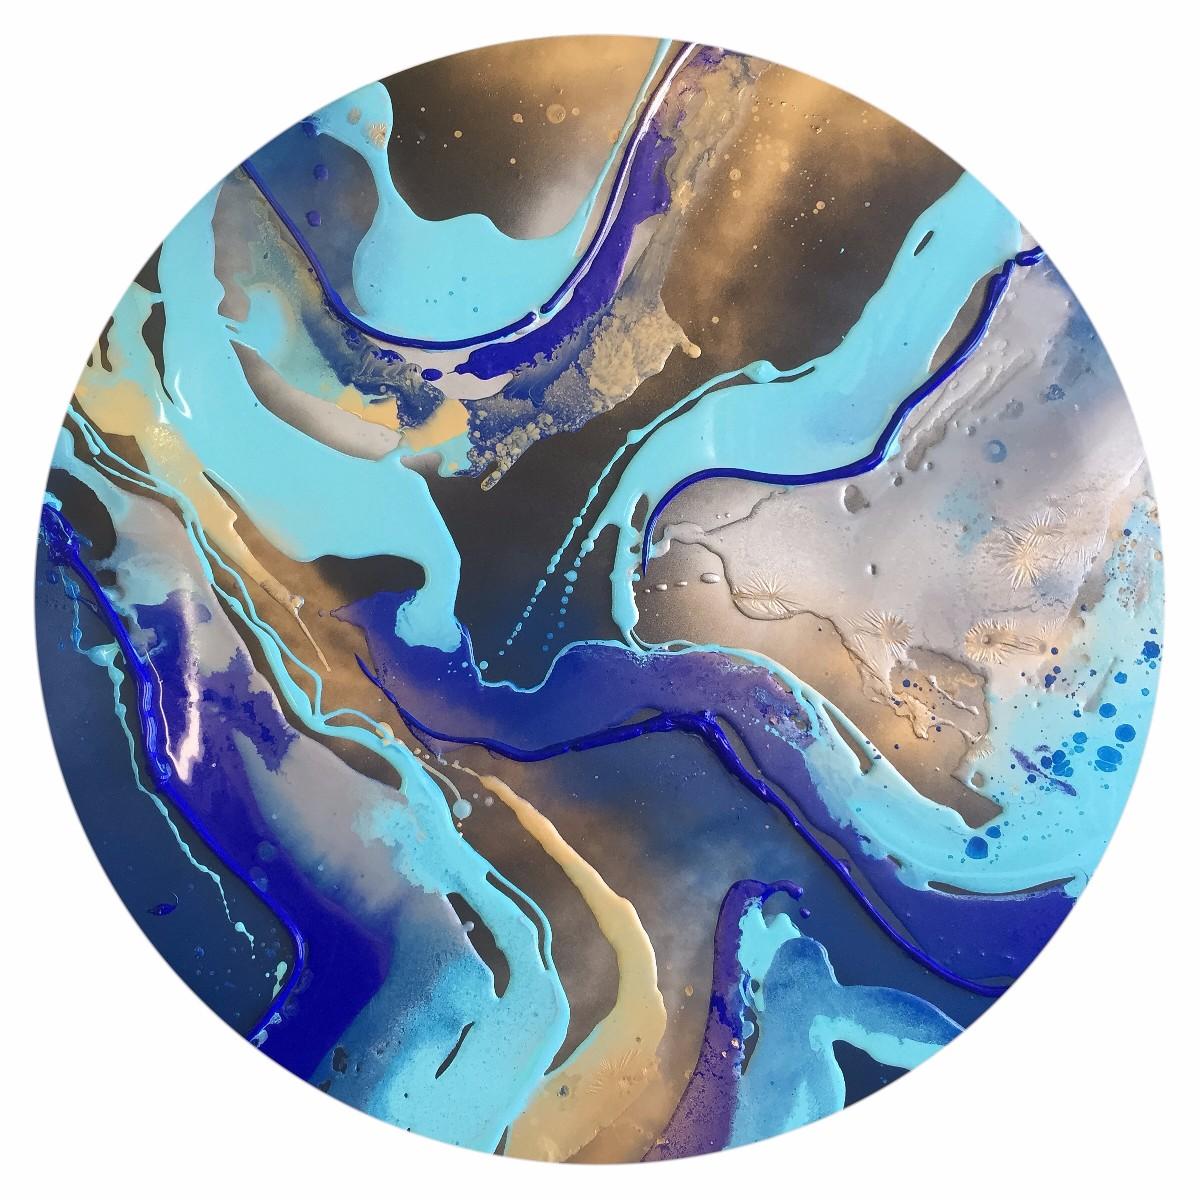 Galaxy Blue Ride Round Artwork.jpg